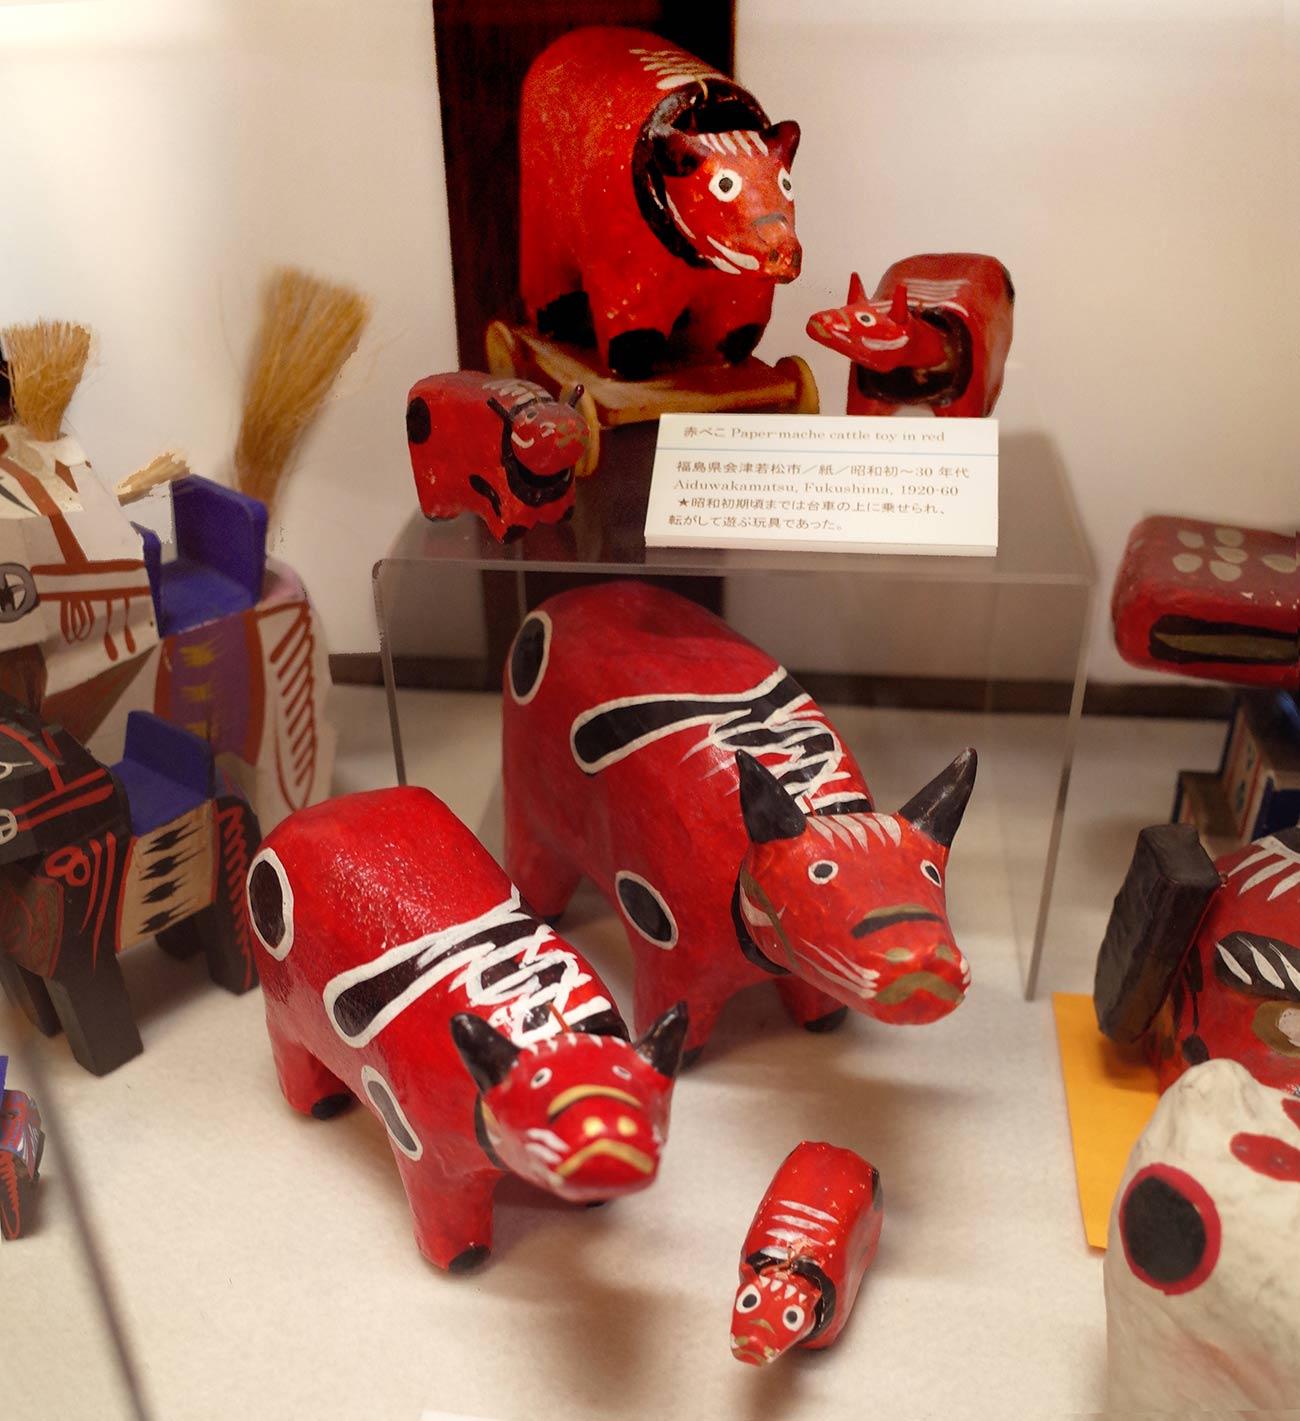 日本玩具博物館蔵の赤べこ